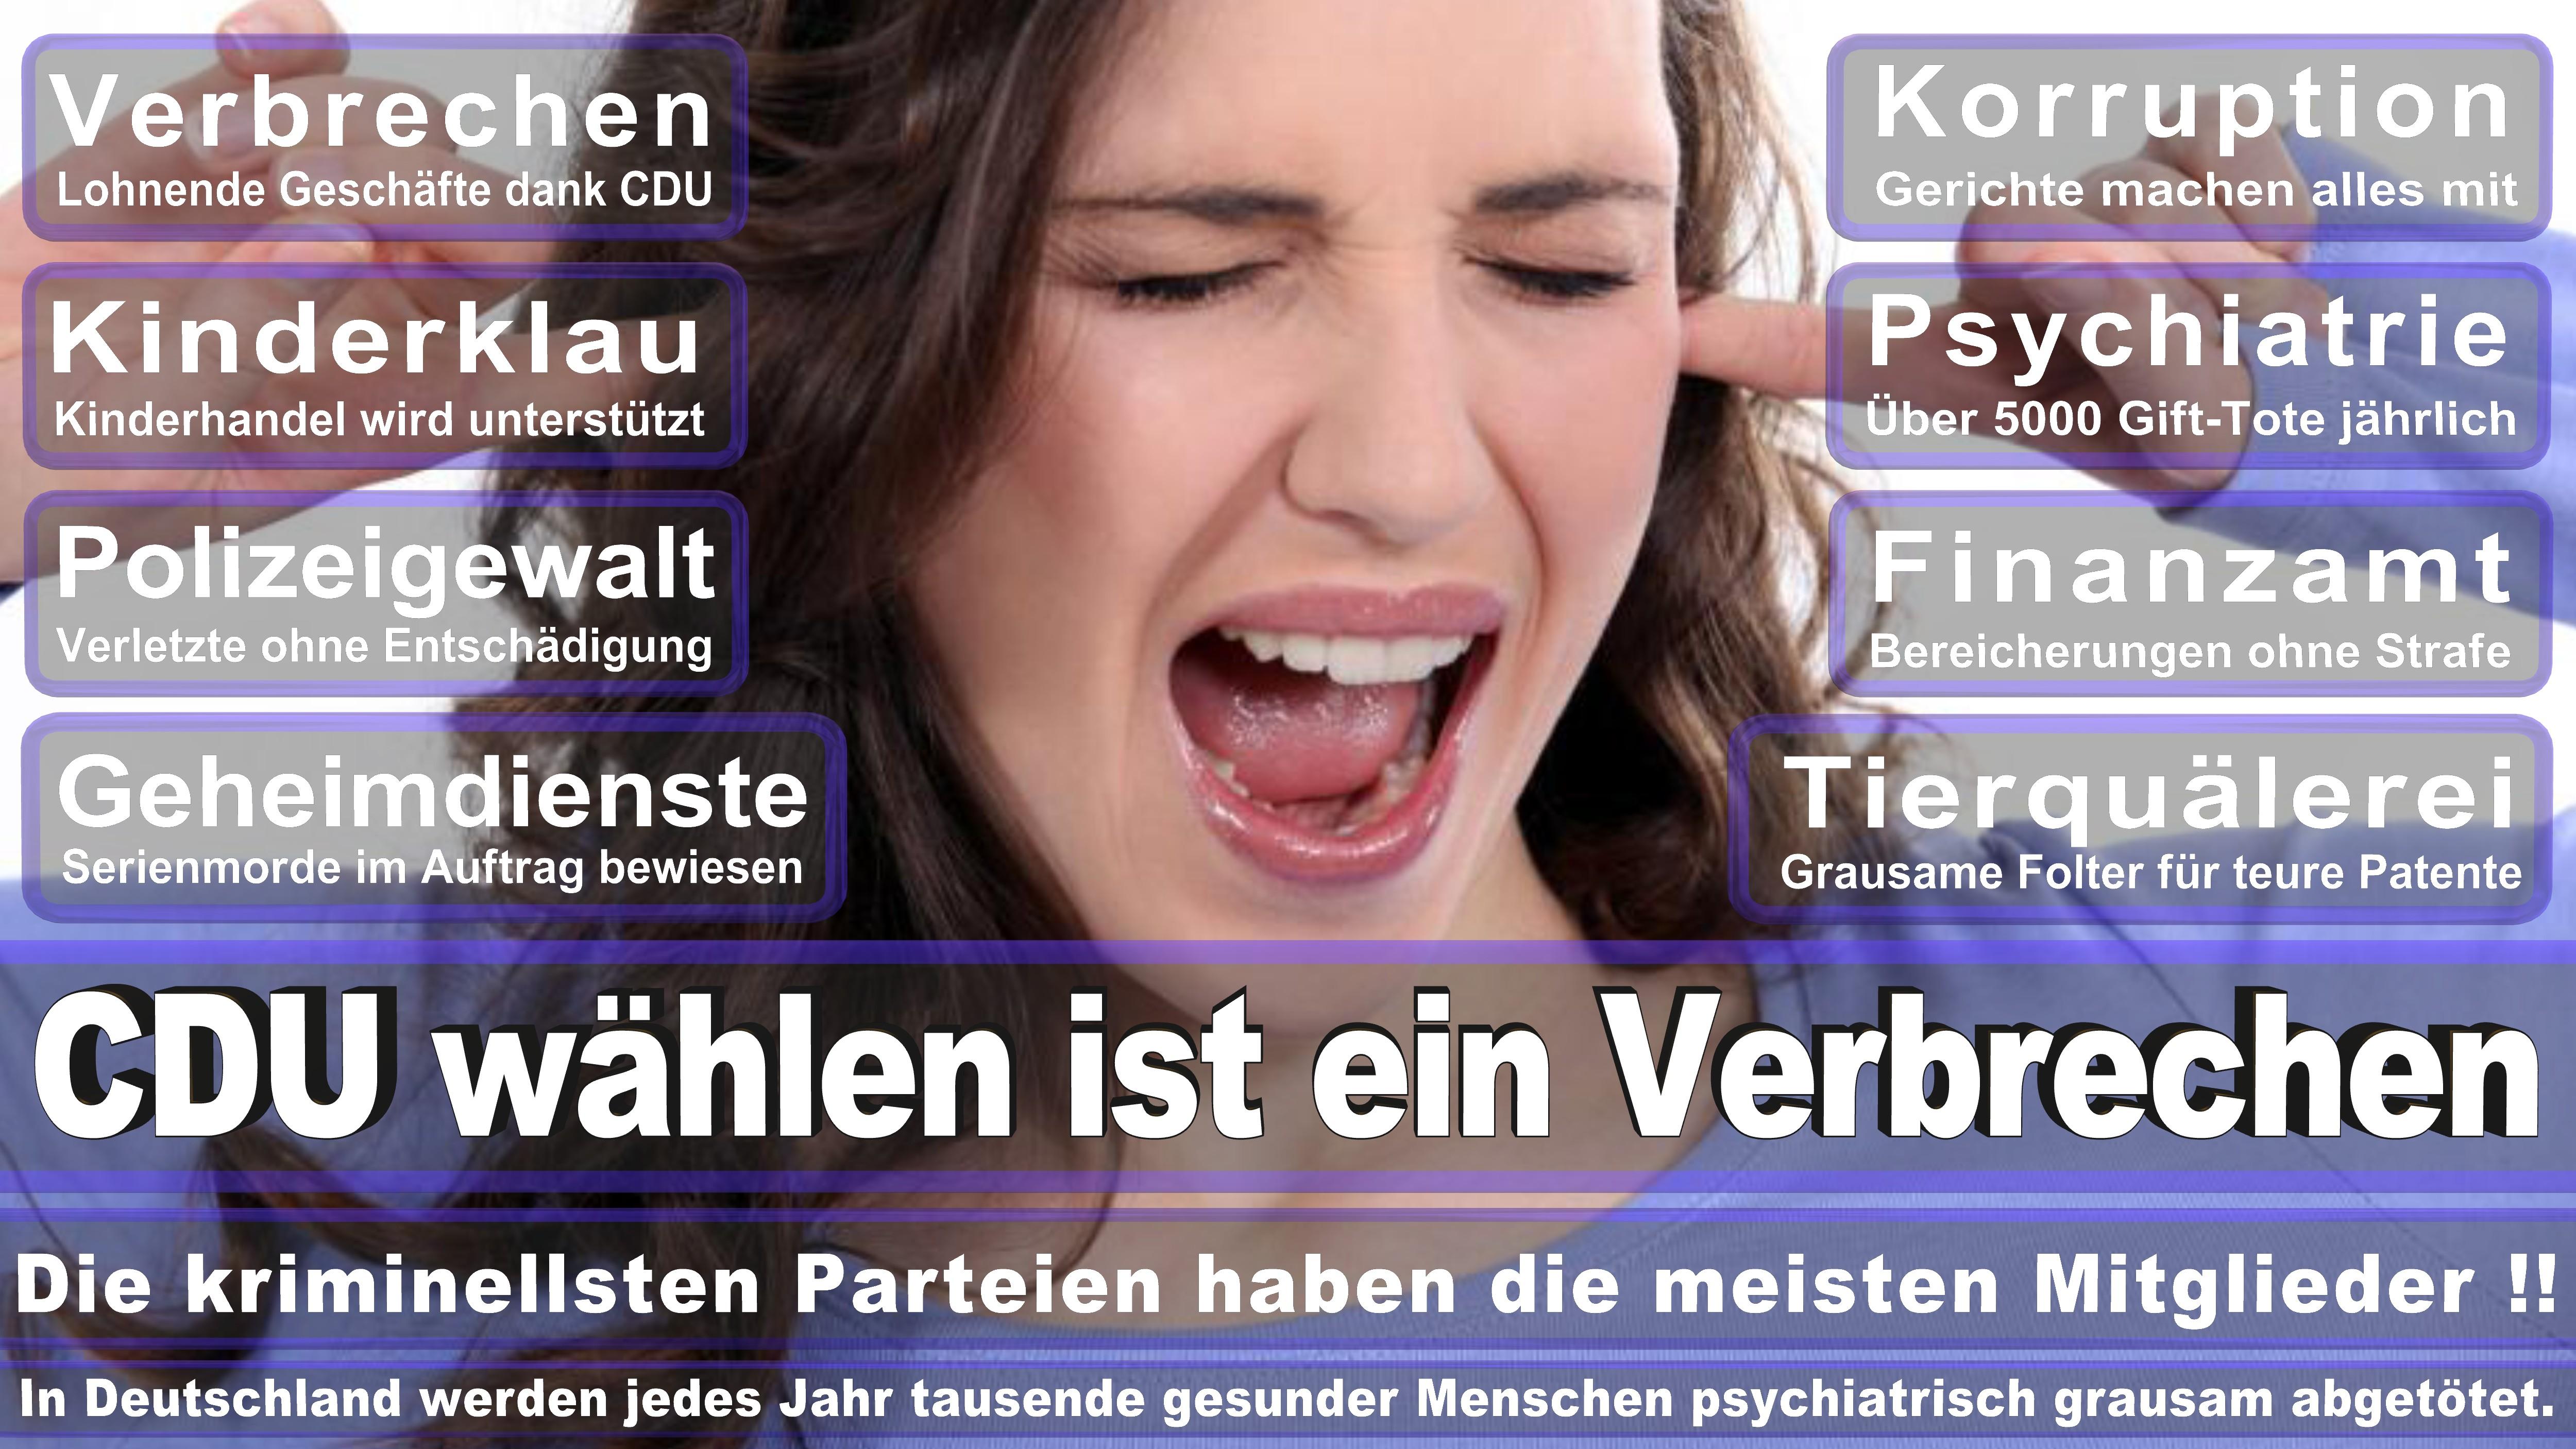 CDU, BIELEFELD, RATSMITGLIEDER, VORSTAND, ORTSVERBAND, MITGLIEDER (58)